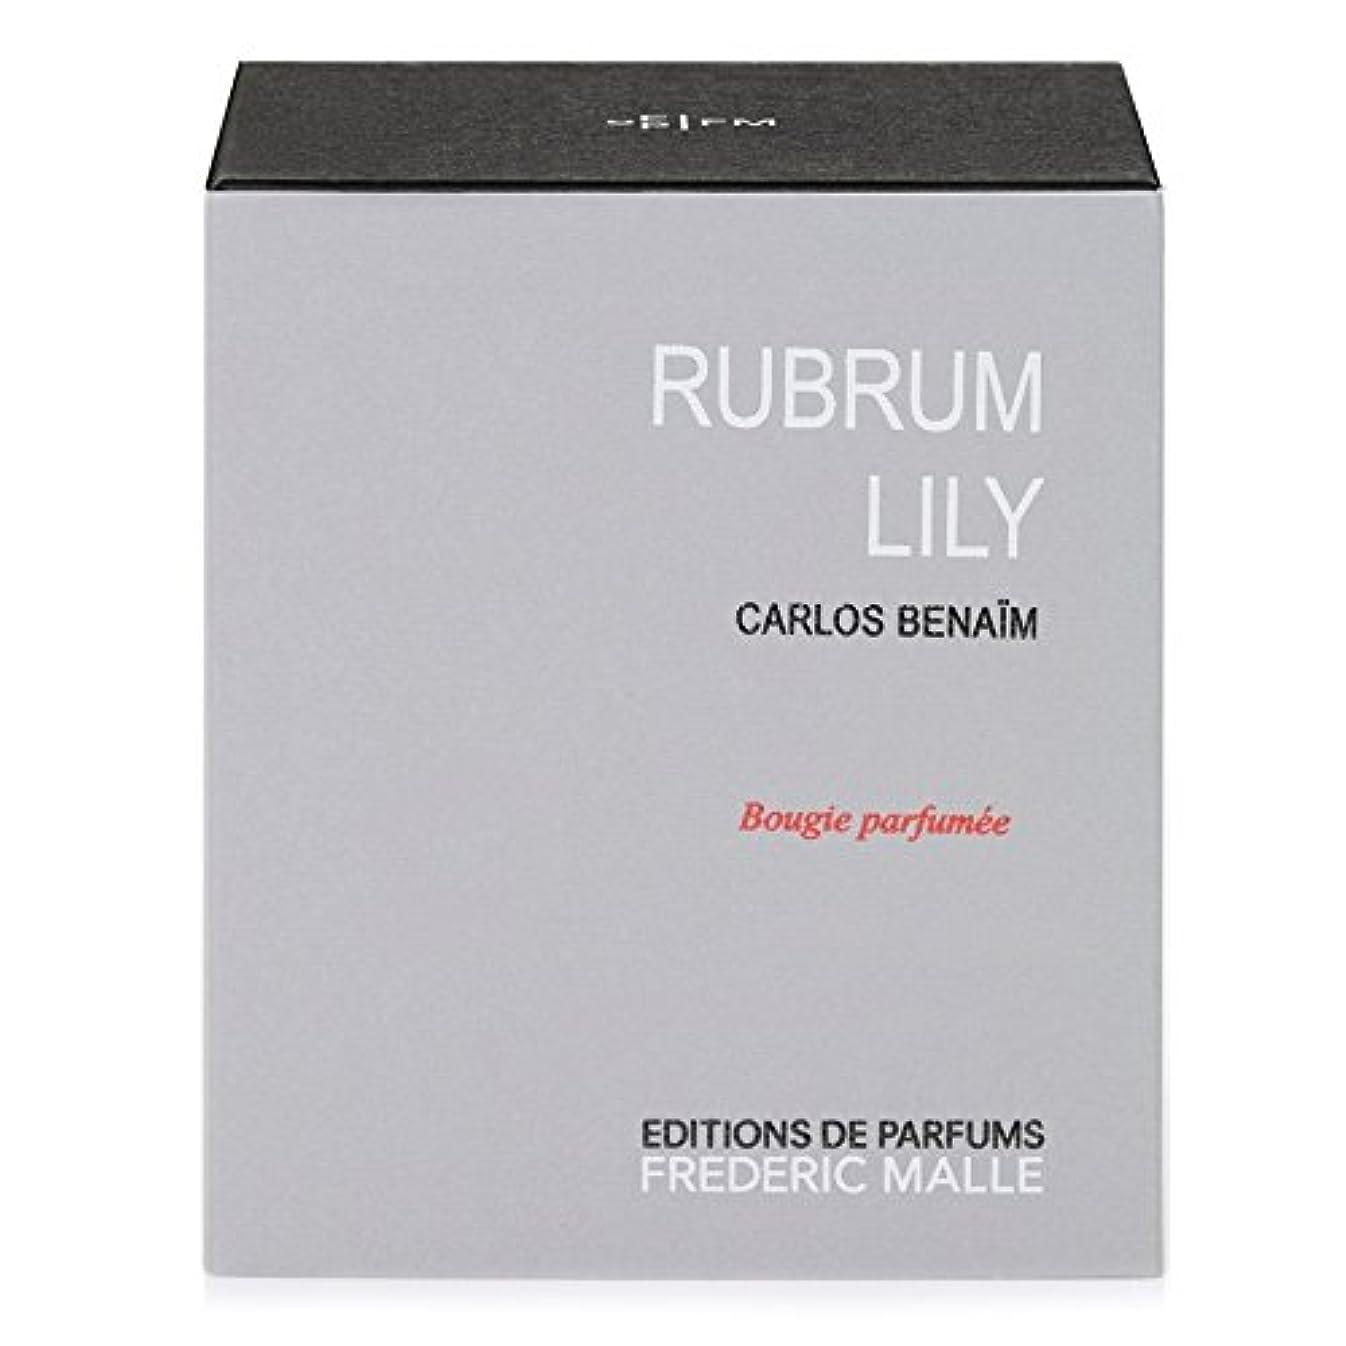 作り上げる祝福する葬儀フレデリック?マルルブルムユリの香りのキャンドル x6 - Frederic Malle Rubrum Lily Scented Candle (Pack of 6) [並行輸入品]